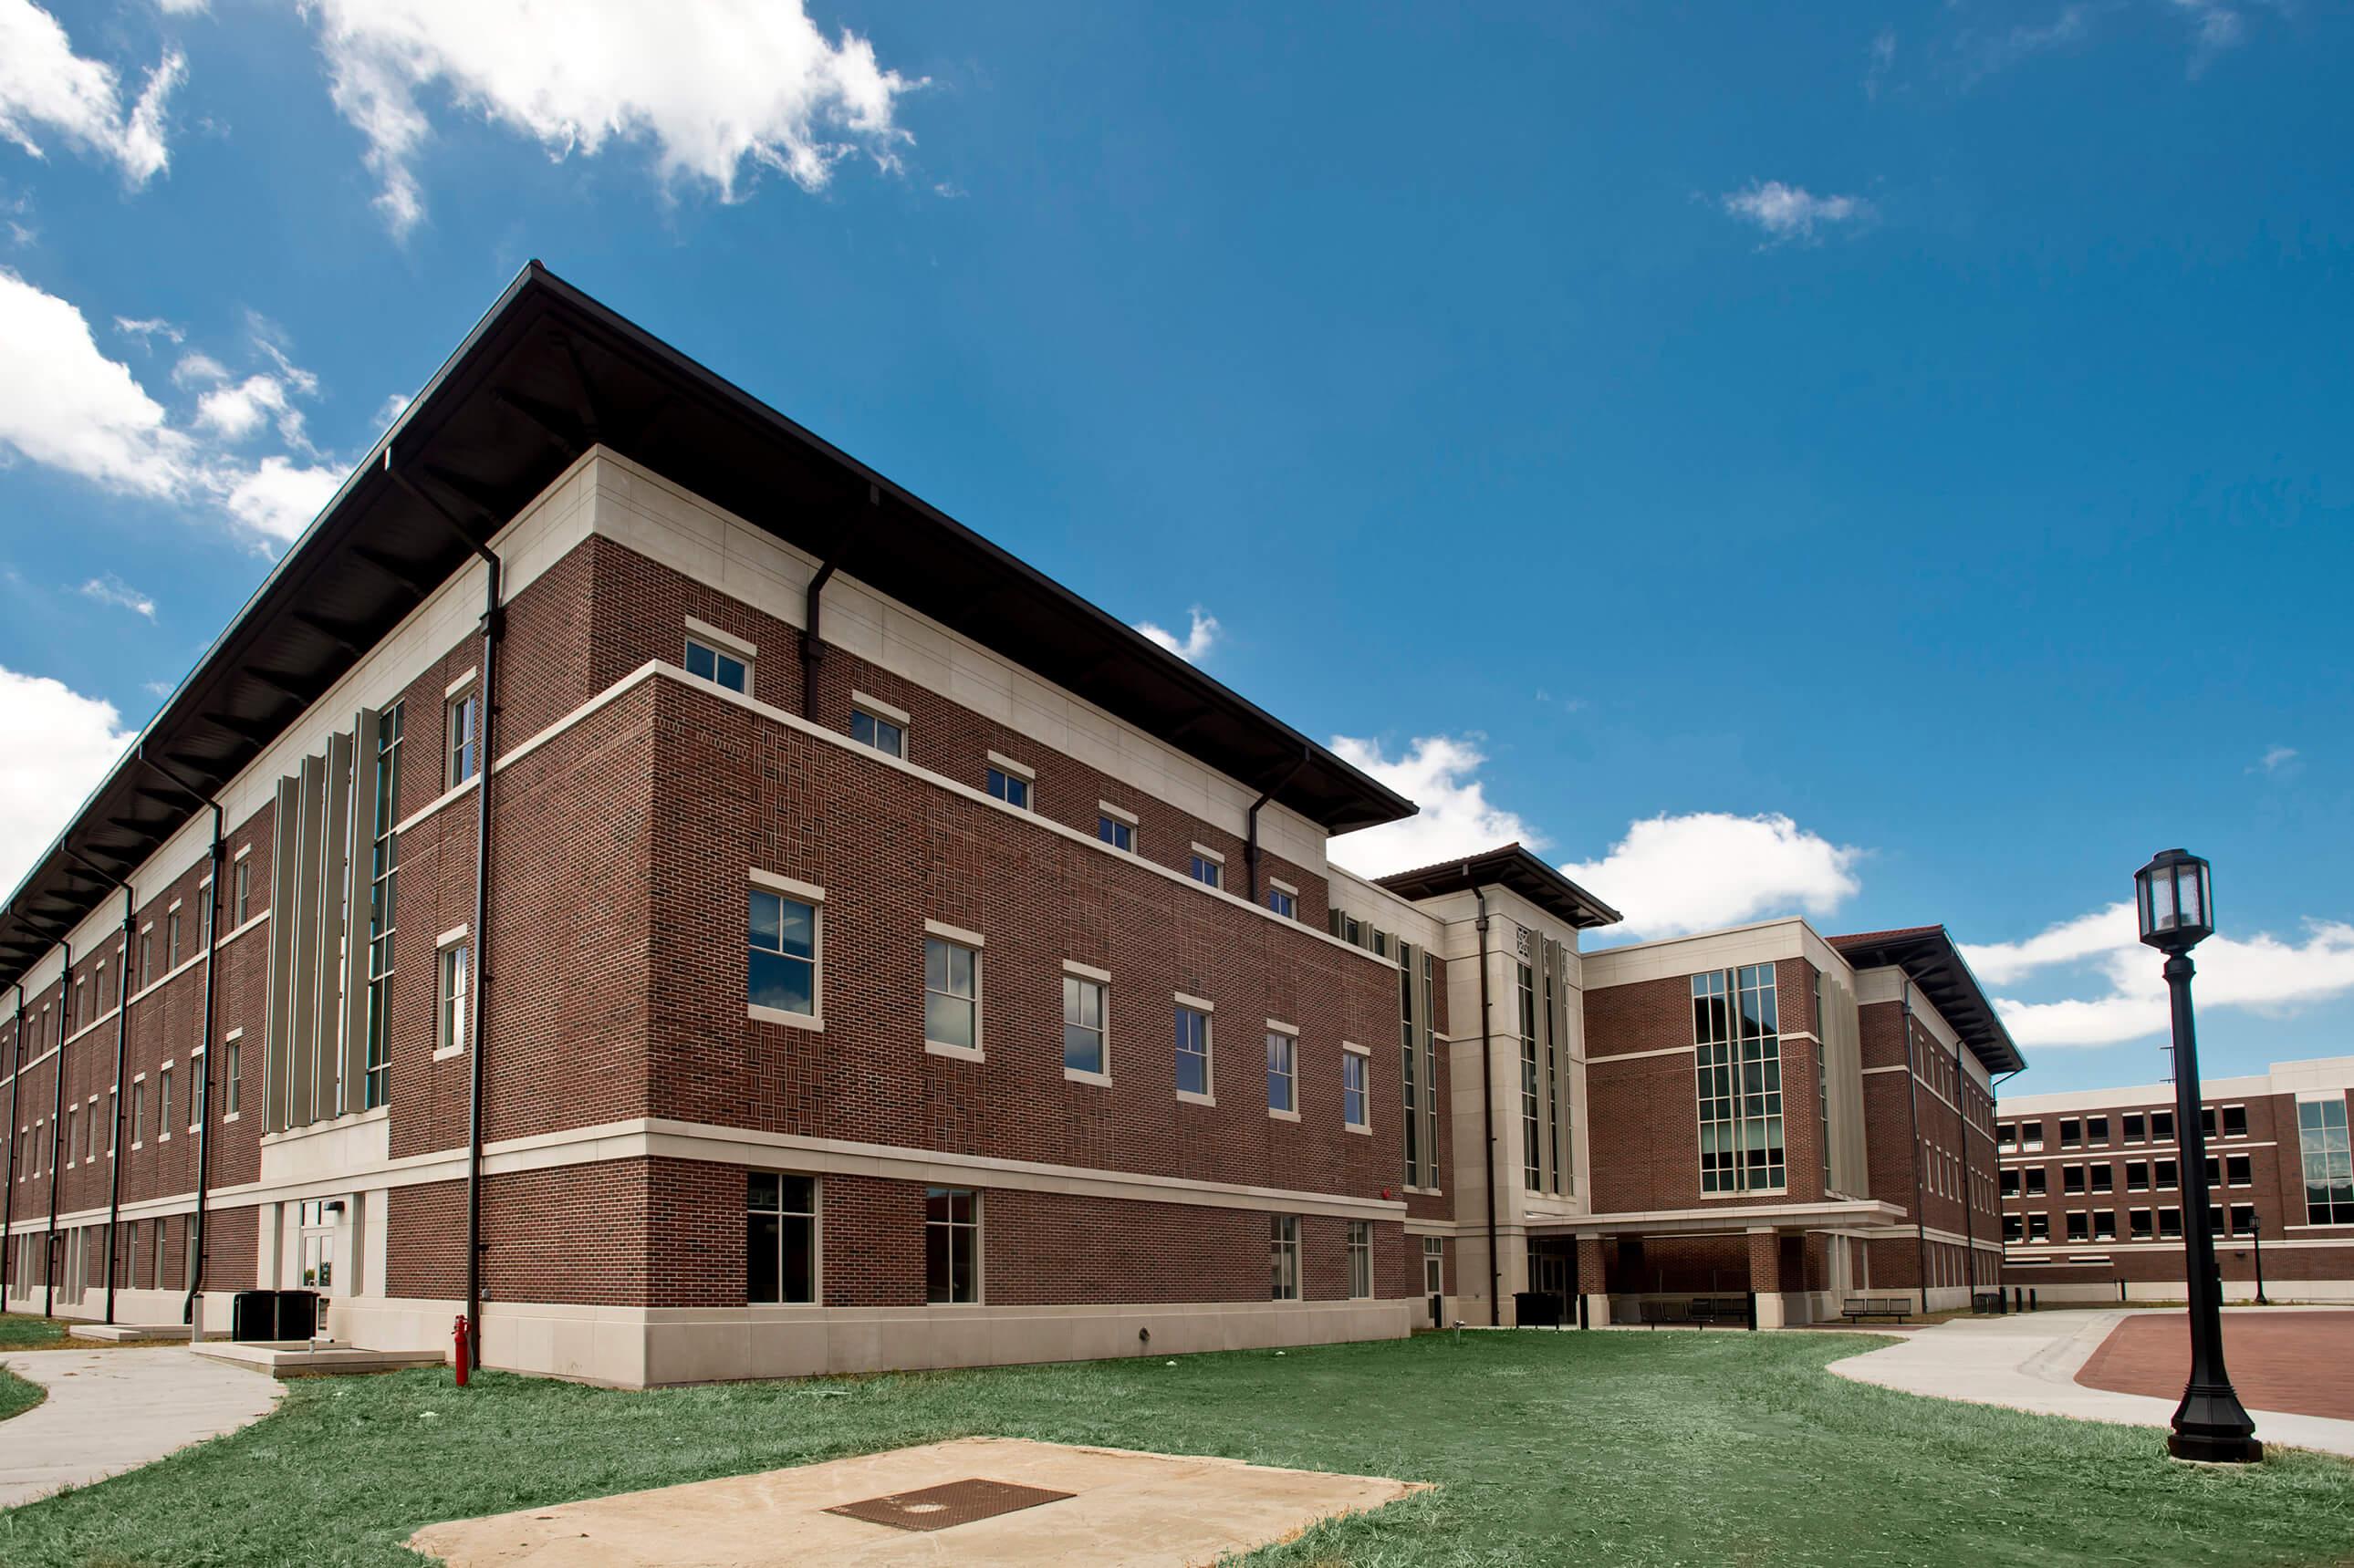 Lyles building